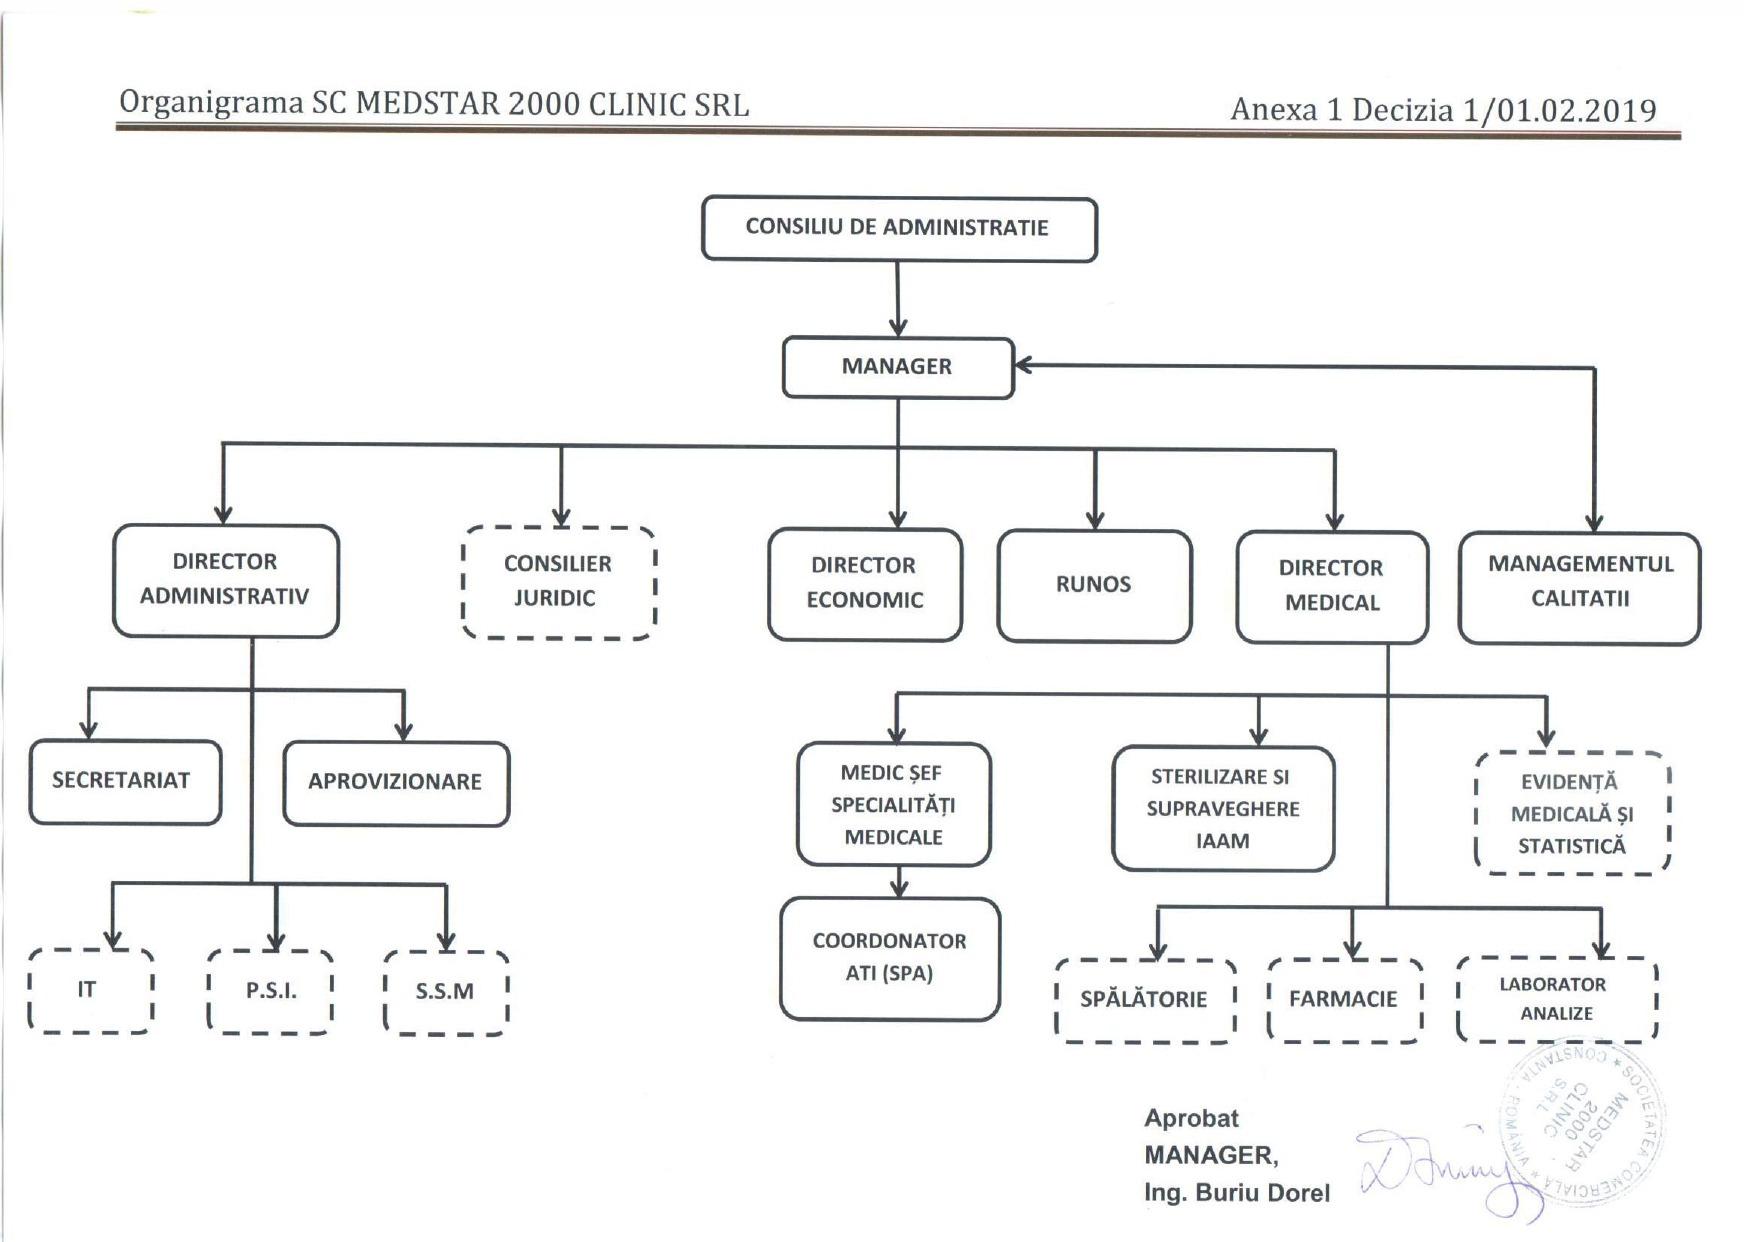 https://www.medstar2000.ro/wp-content/uploads/2019/04/Organigrama-Medstar-2000-Clinic.jpg